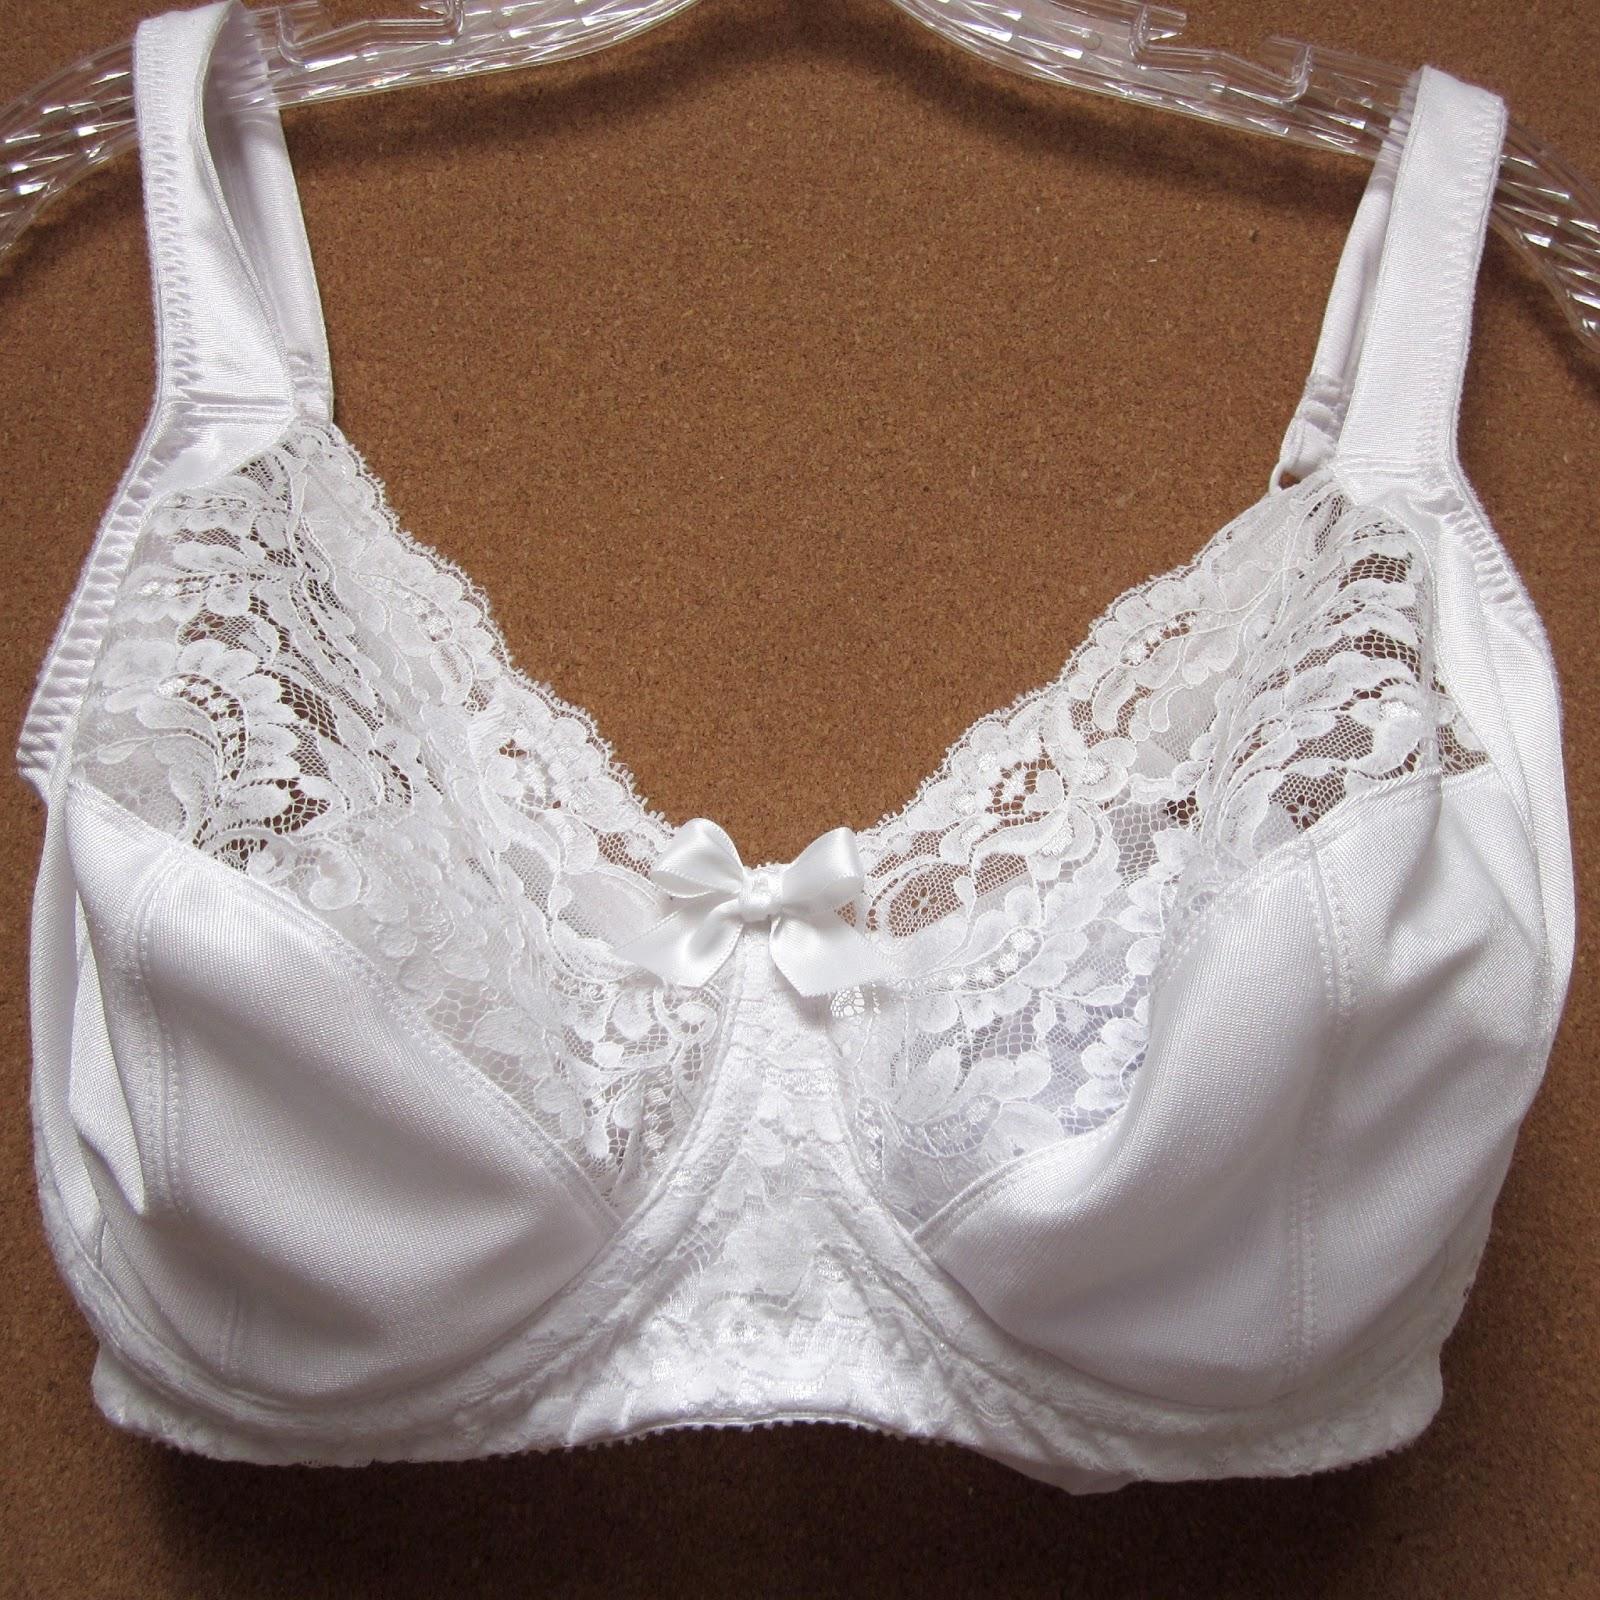 e18caa927f I took this bra for a